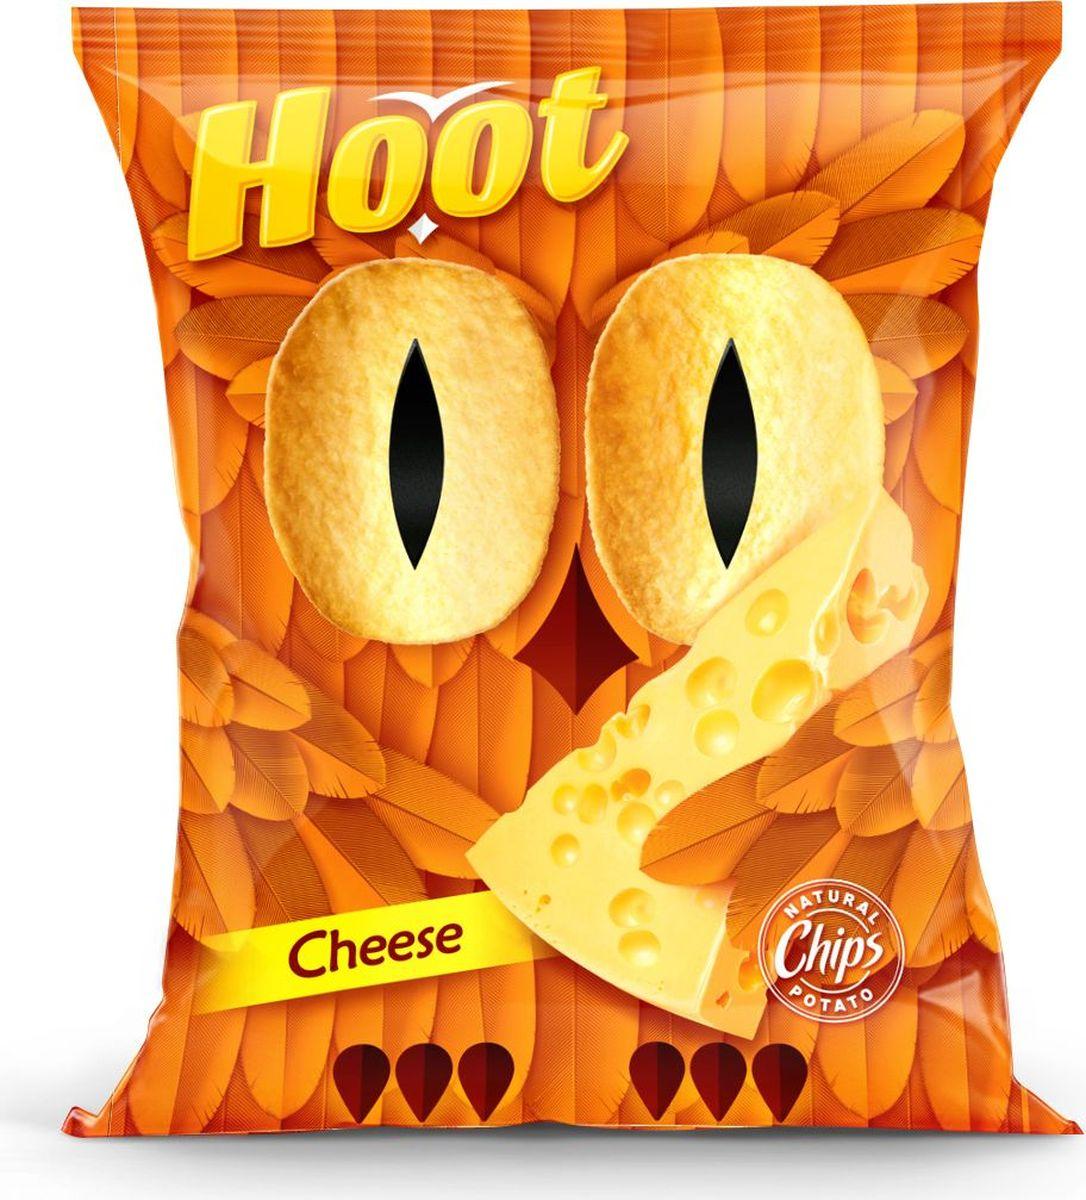 Hoot Чипсы, сыр, 70 г4760156030301Картофельные чипсы со вкусом сыра.